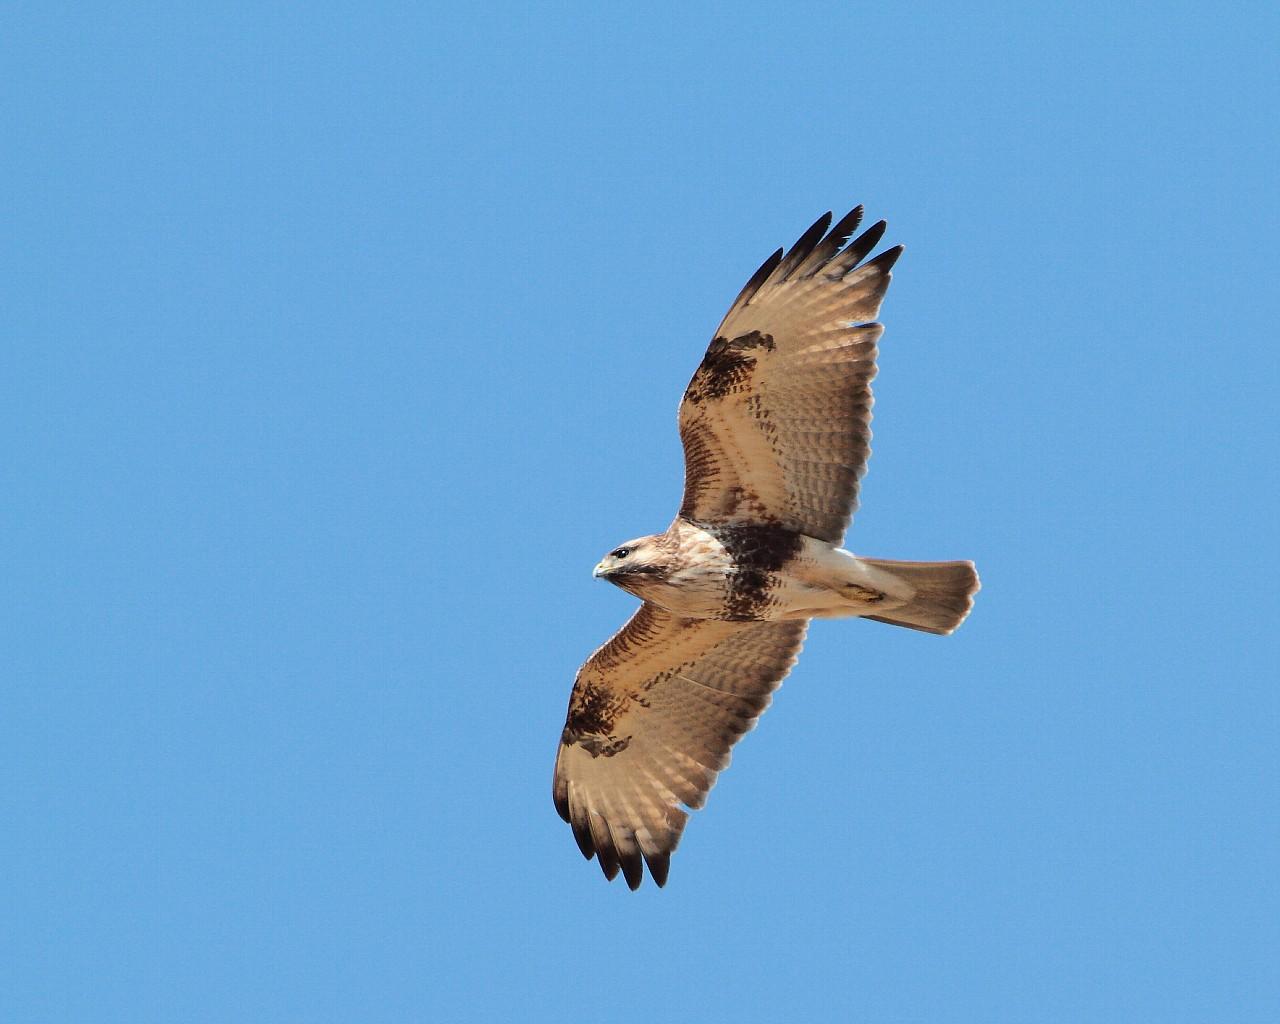 伊良湖で逢えそうな猛禽達_f0105570_2135406.jpg